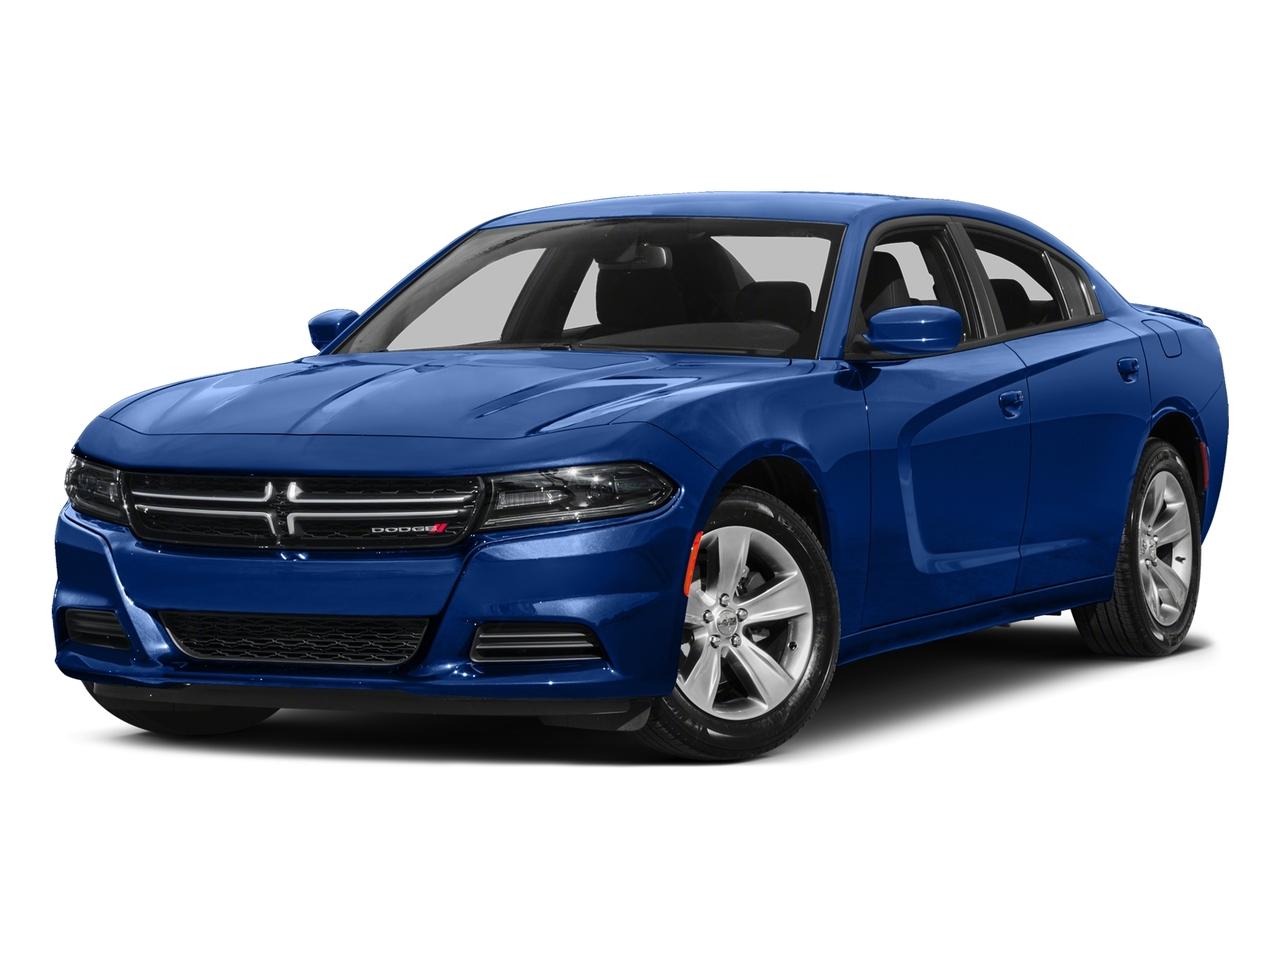 2015 Dodge Charger 4DR SDN ROAD/TRACK RWD 4dr Car Slide